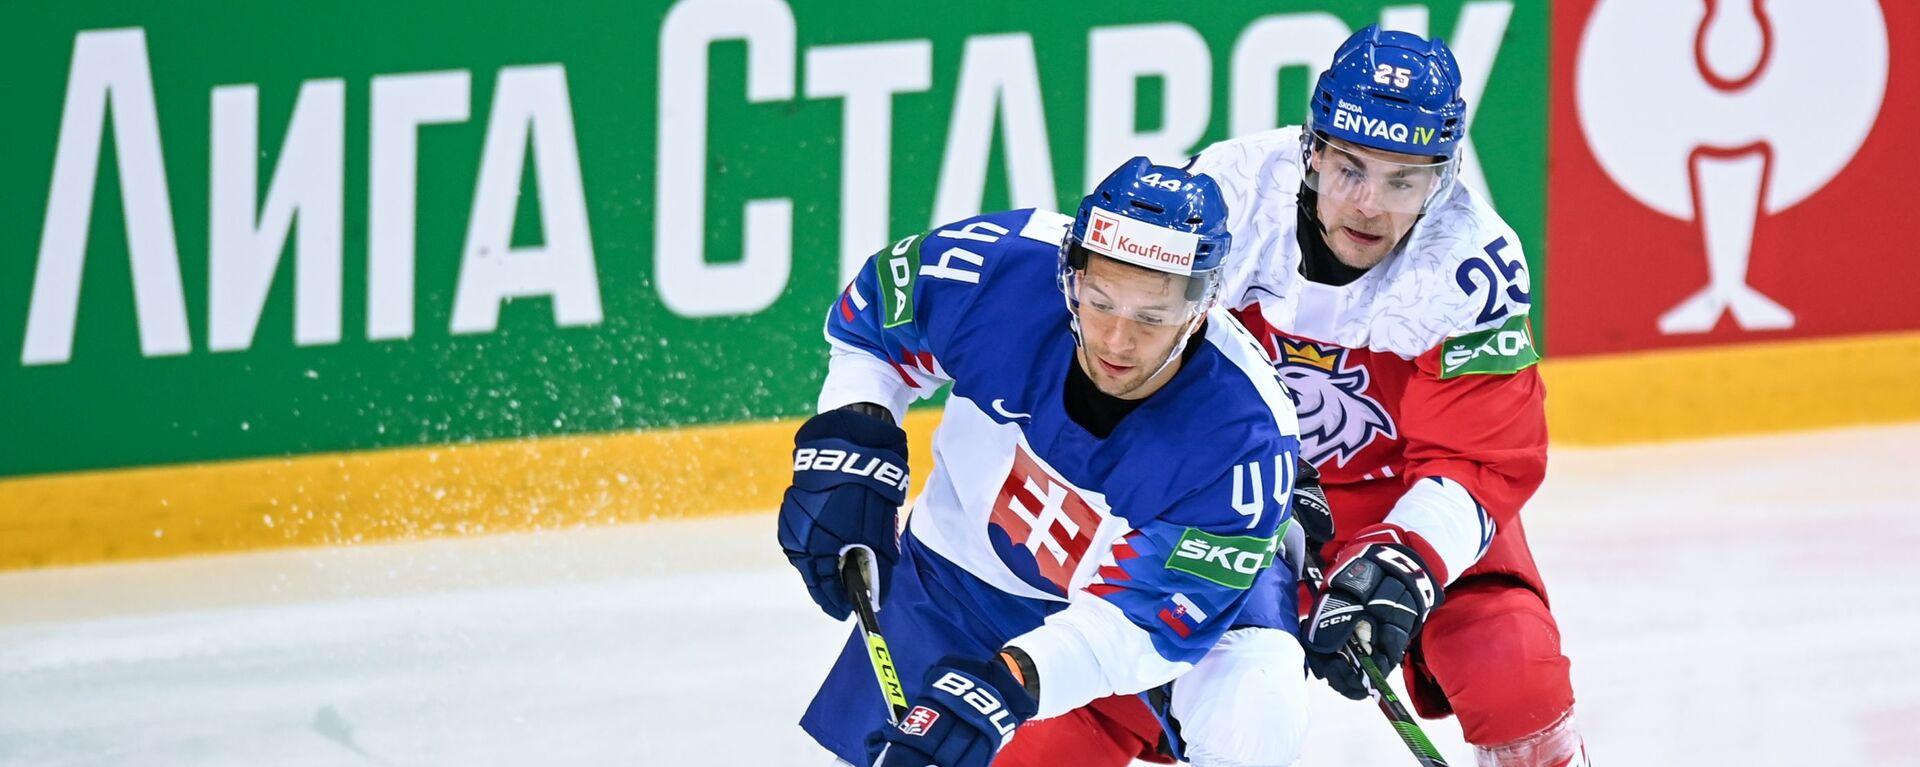 Mislav Rosandič a Radan Lenz v zápase mistrovství světa IIHF v roce 2021 mezi národními týmy Slovenska a České republiky - Sputnik Česká republika, 1920, 01.06.2021